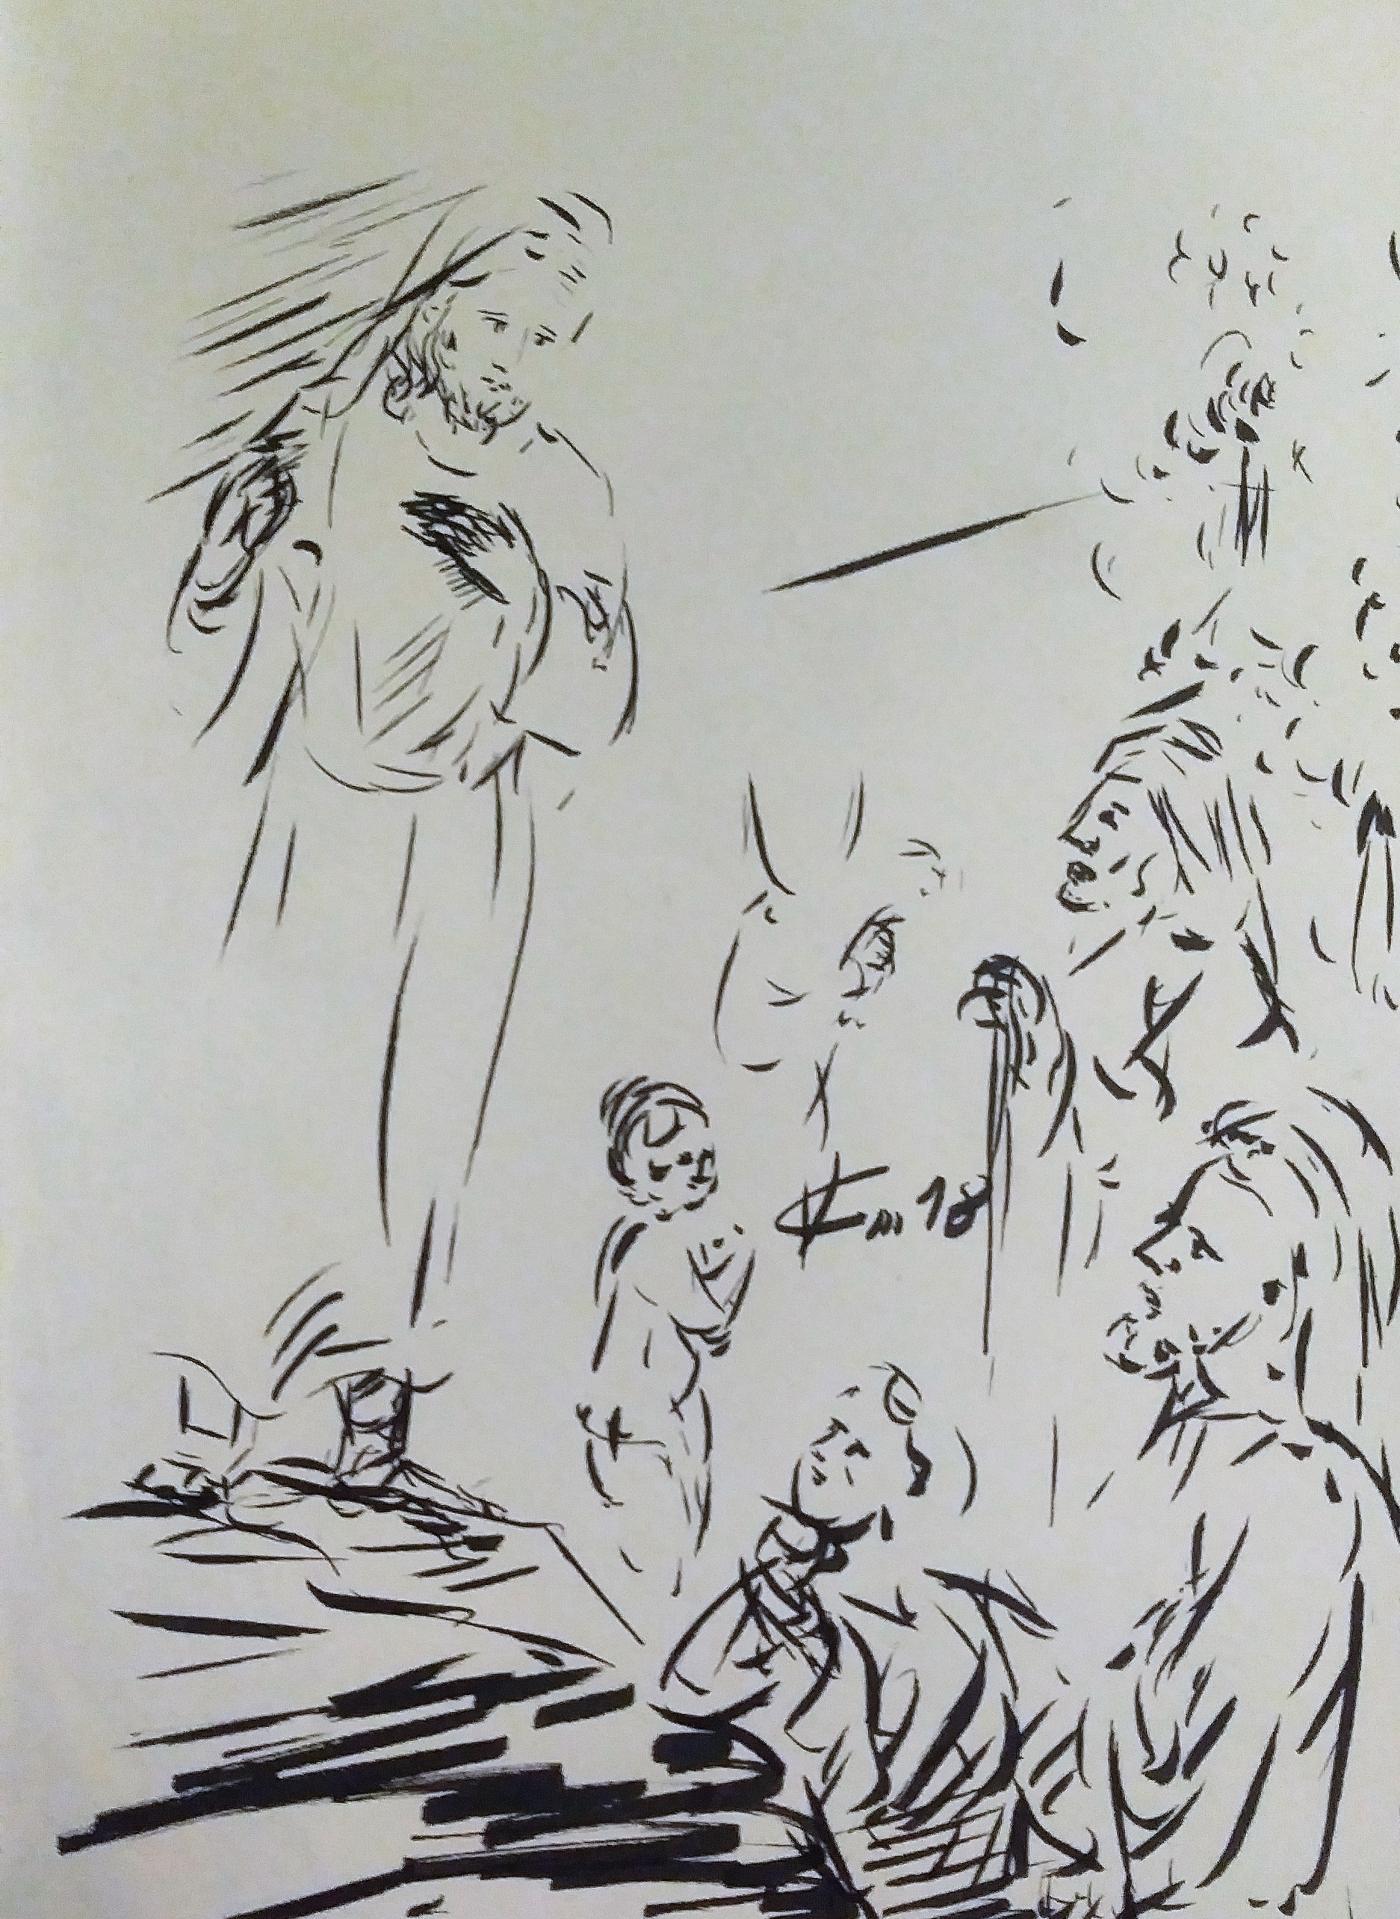 17 avril 2018 evangile du jour illustre par un dessin au lavis de jean joseph chevalier